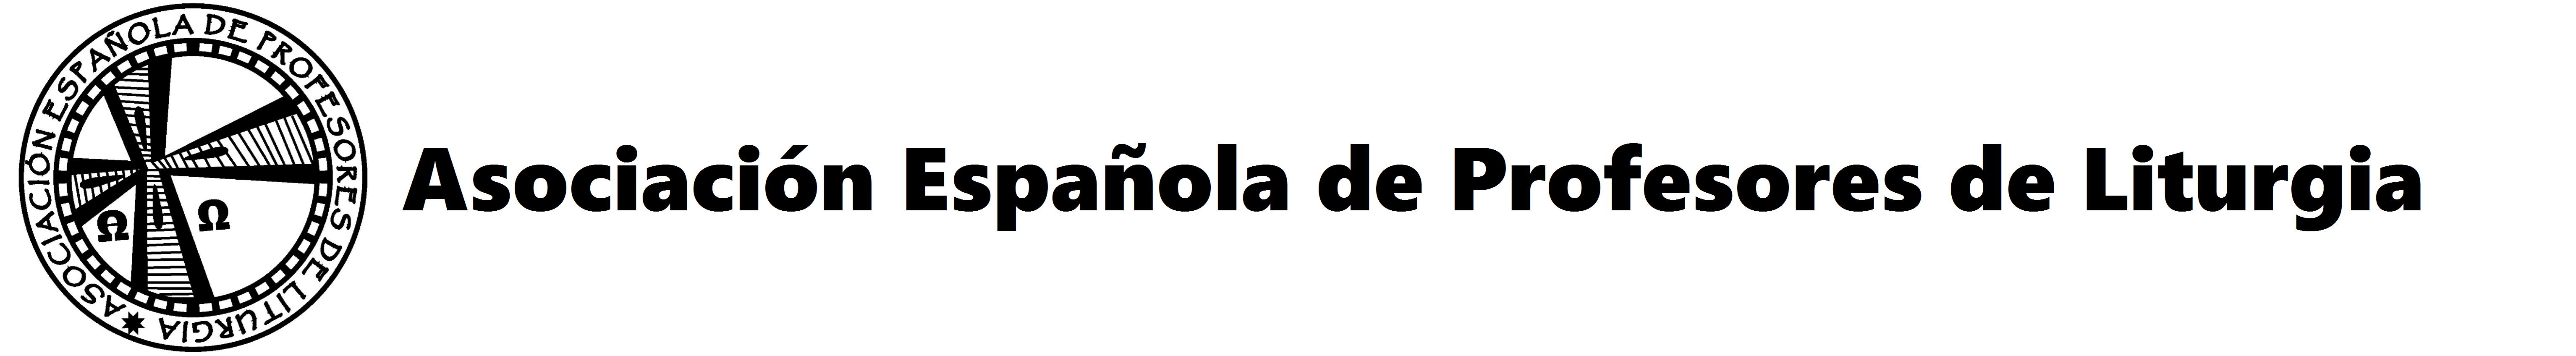 Asociación Española de Profesores de Liturgia